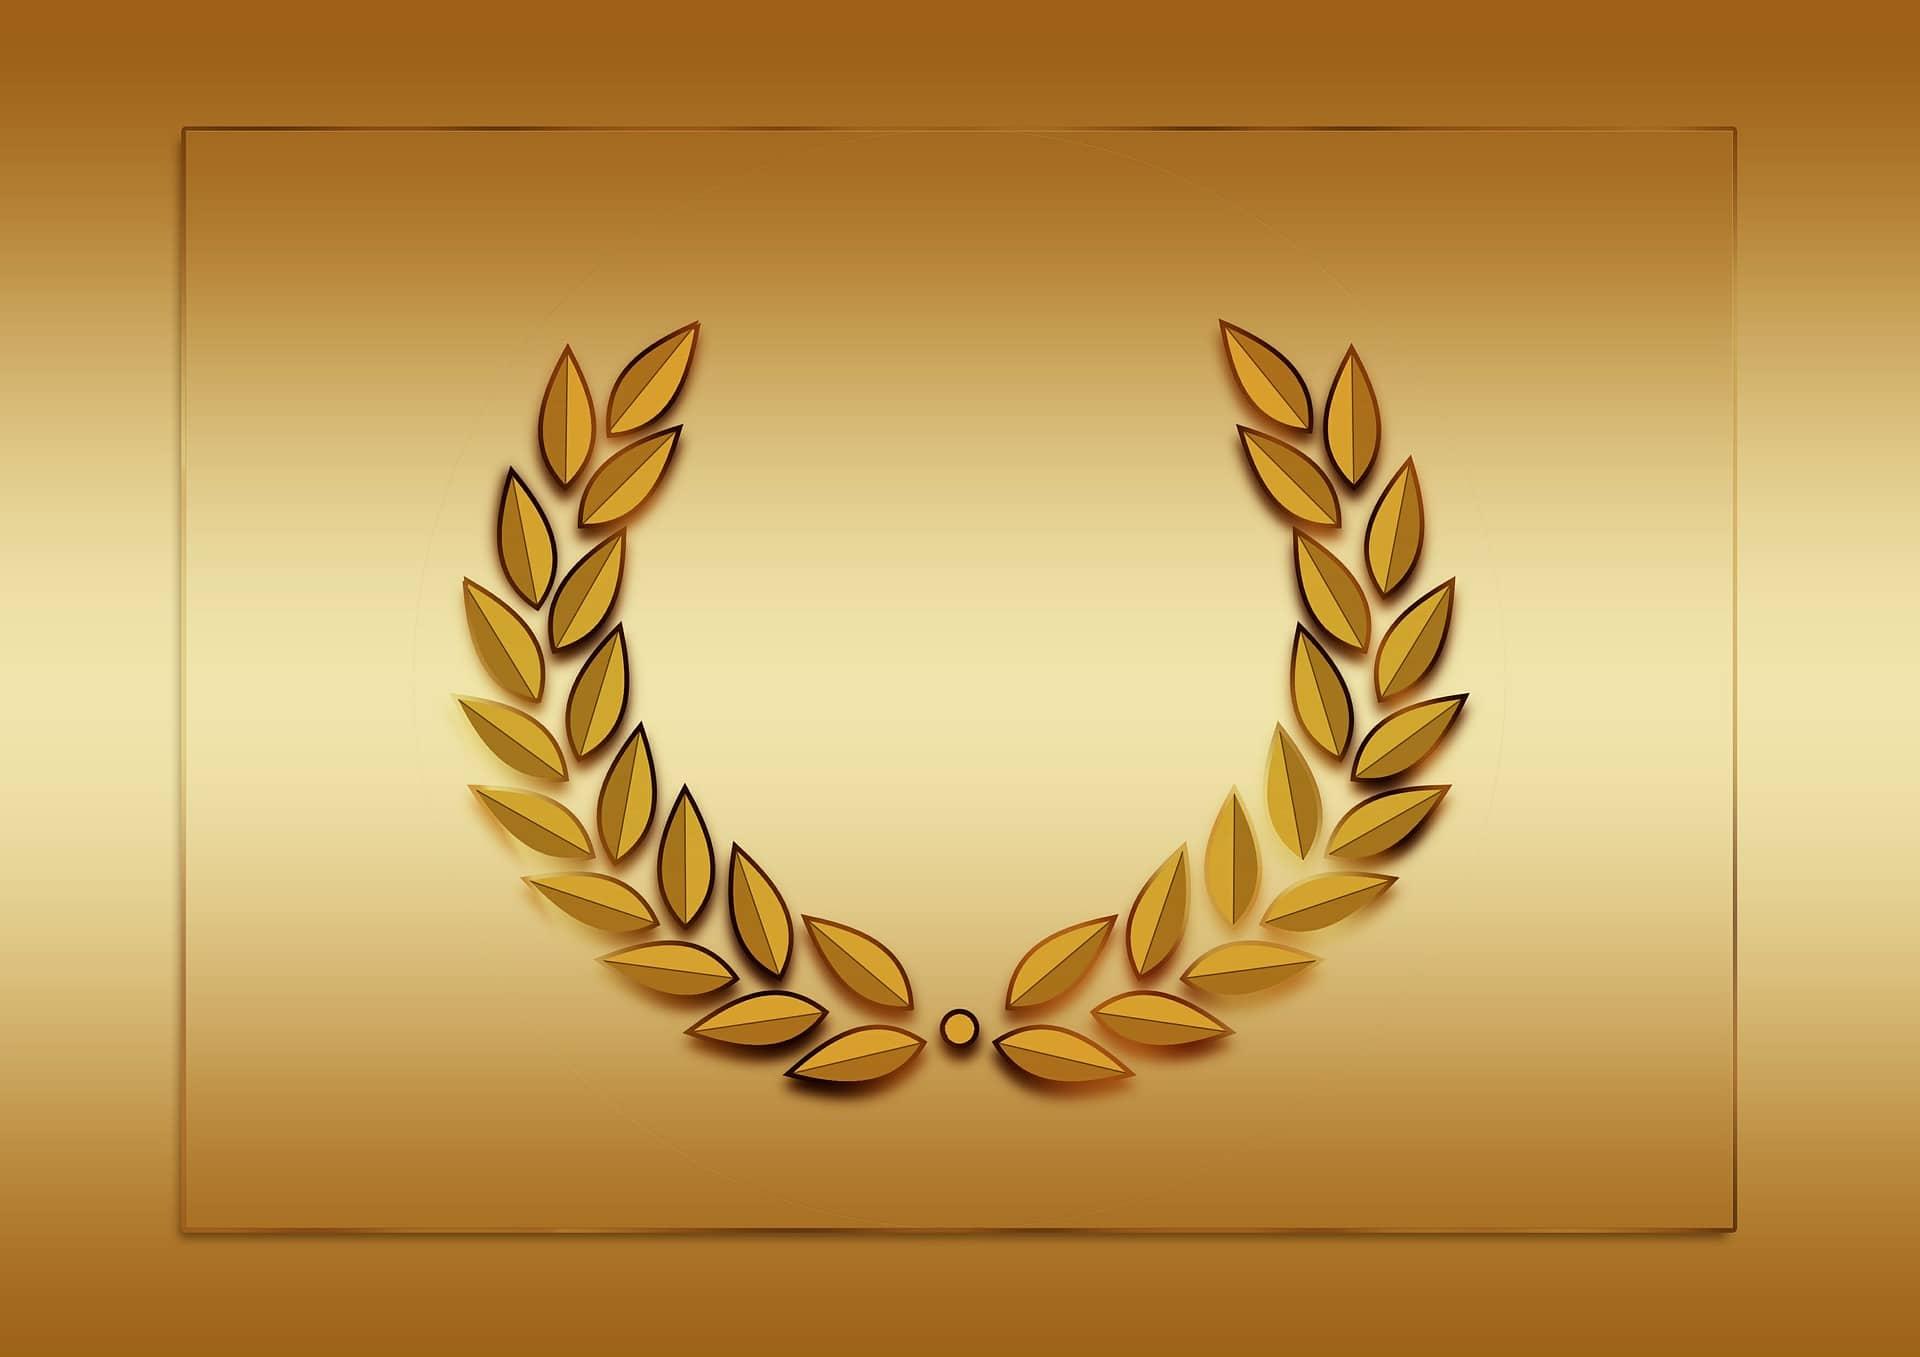 Nagrade so pomembne 1